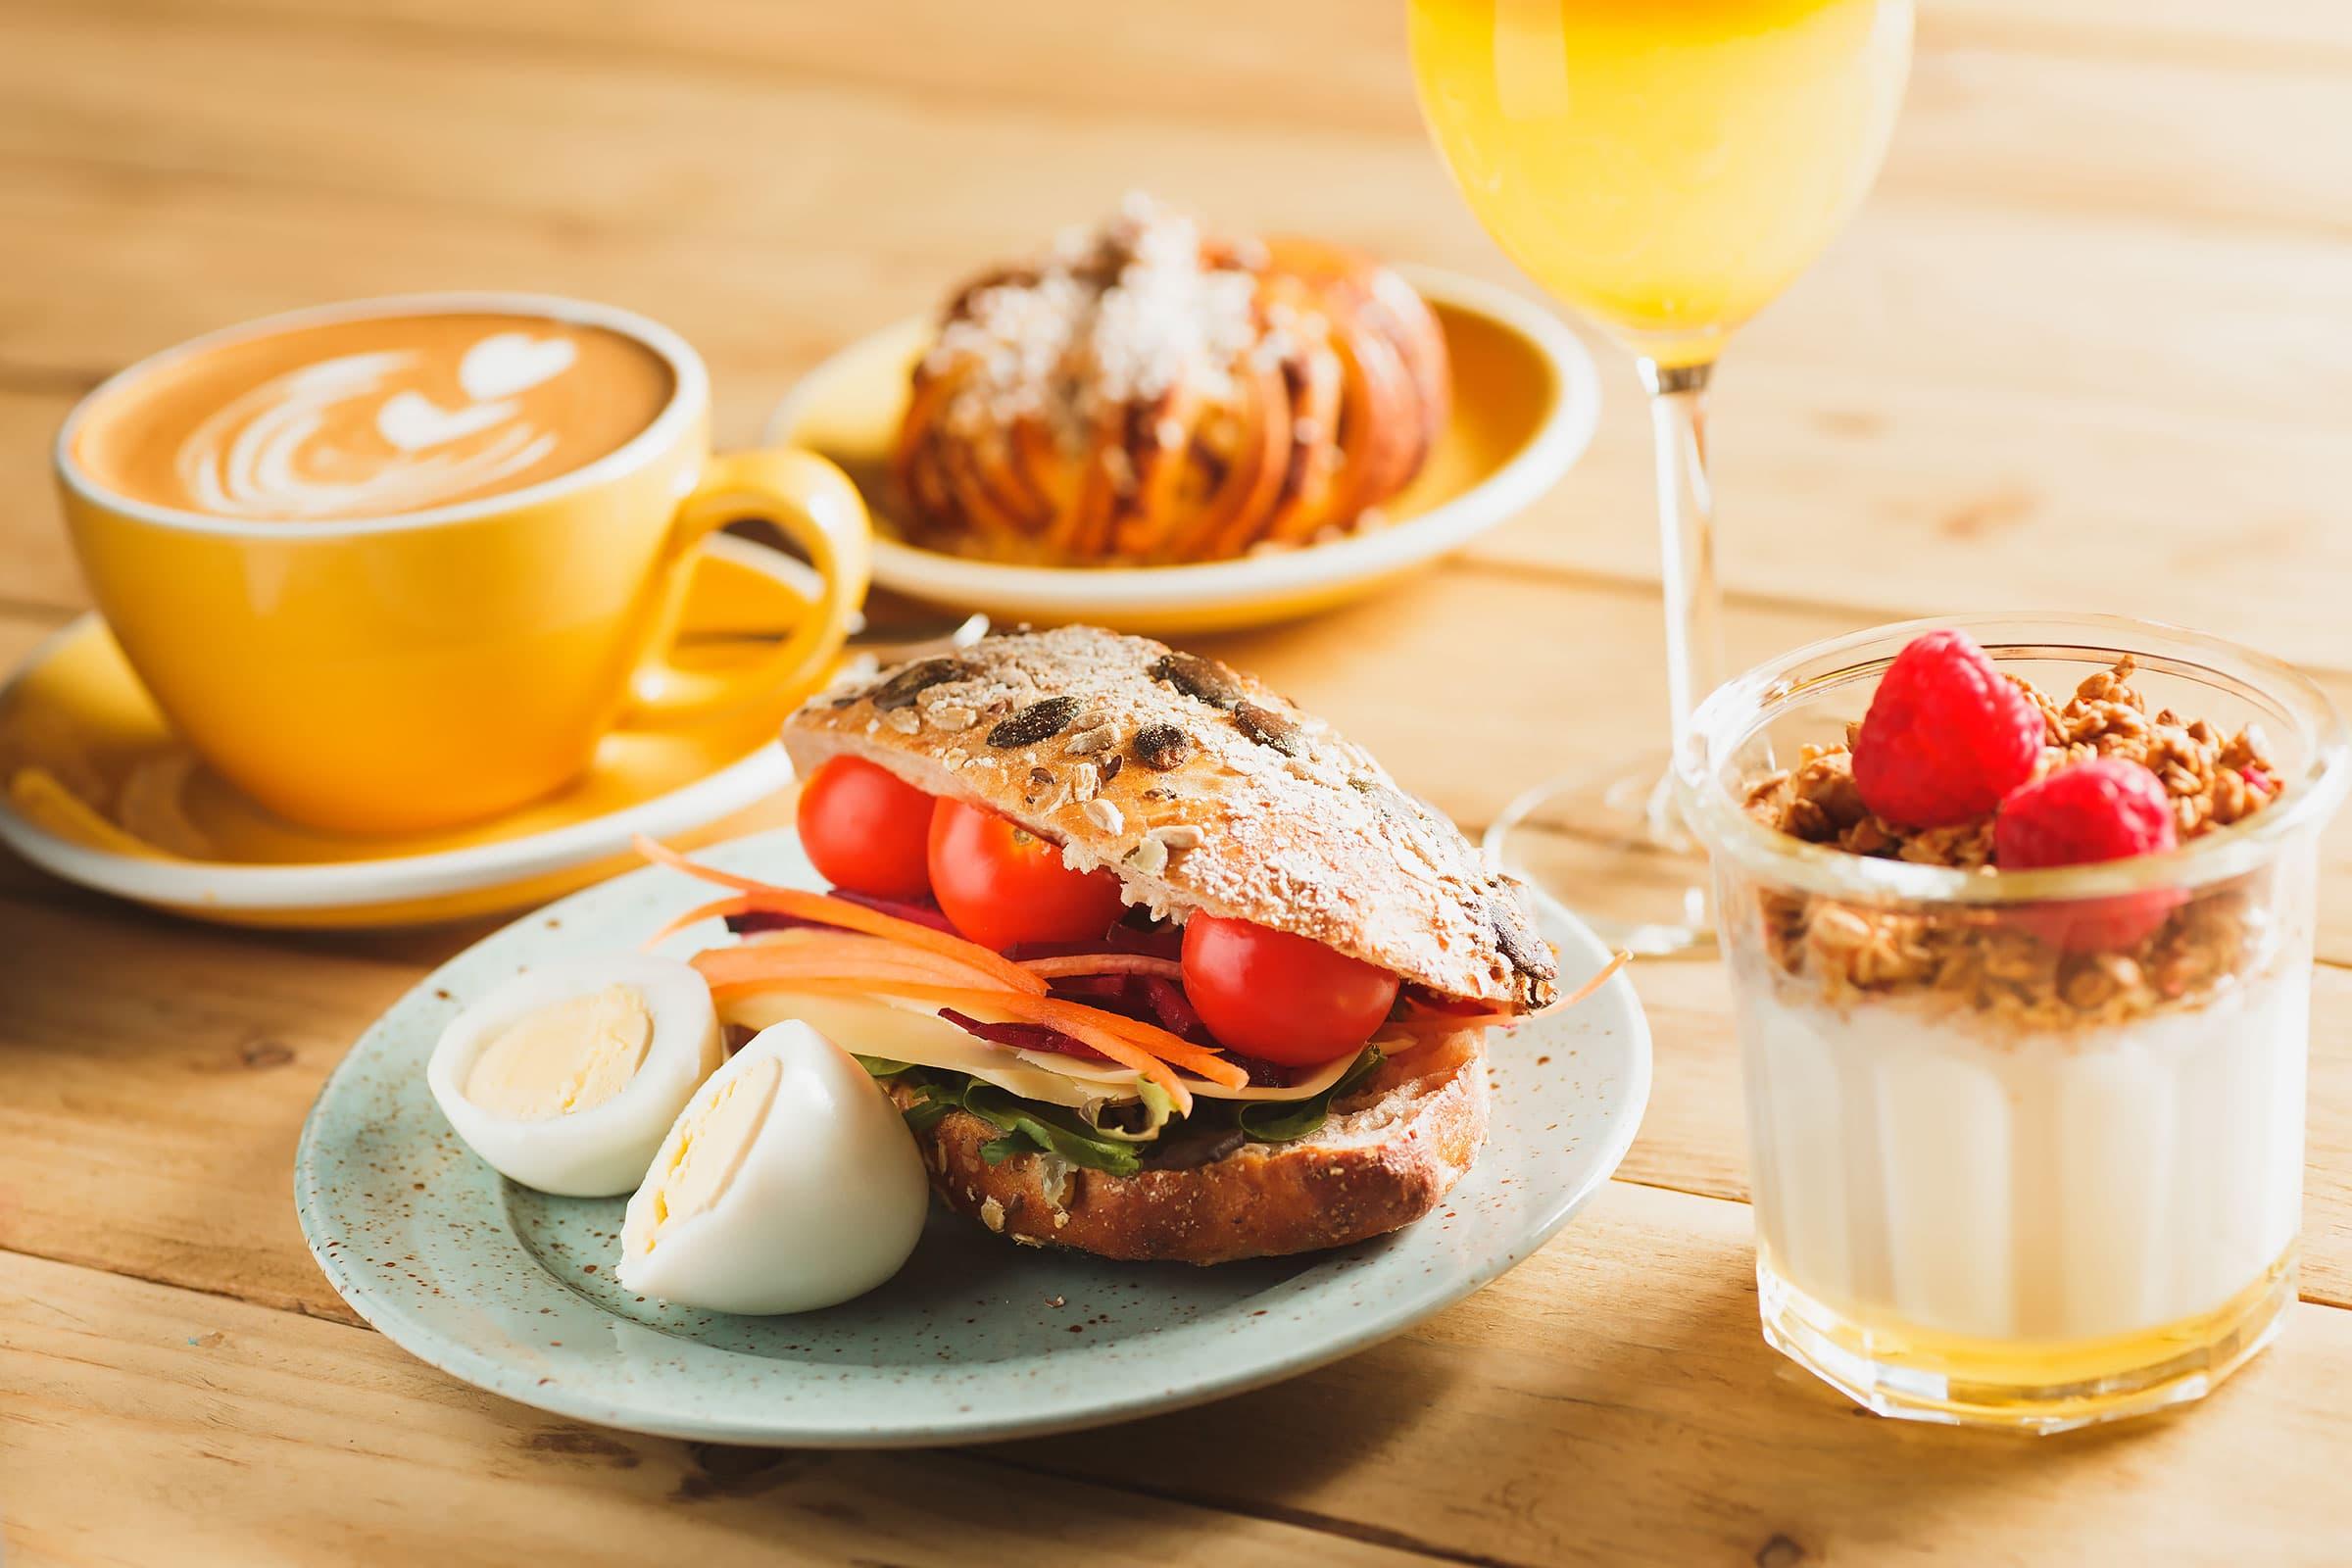 The best breakfast in Södermalm